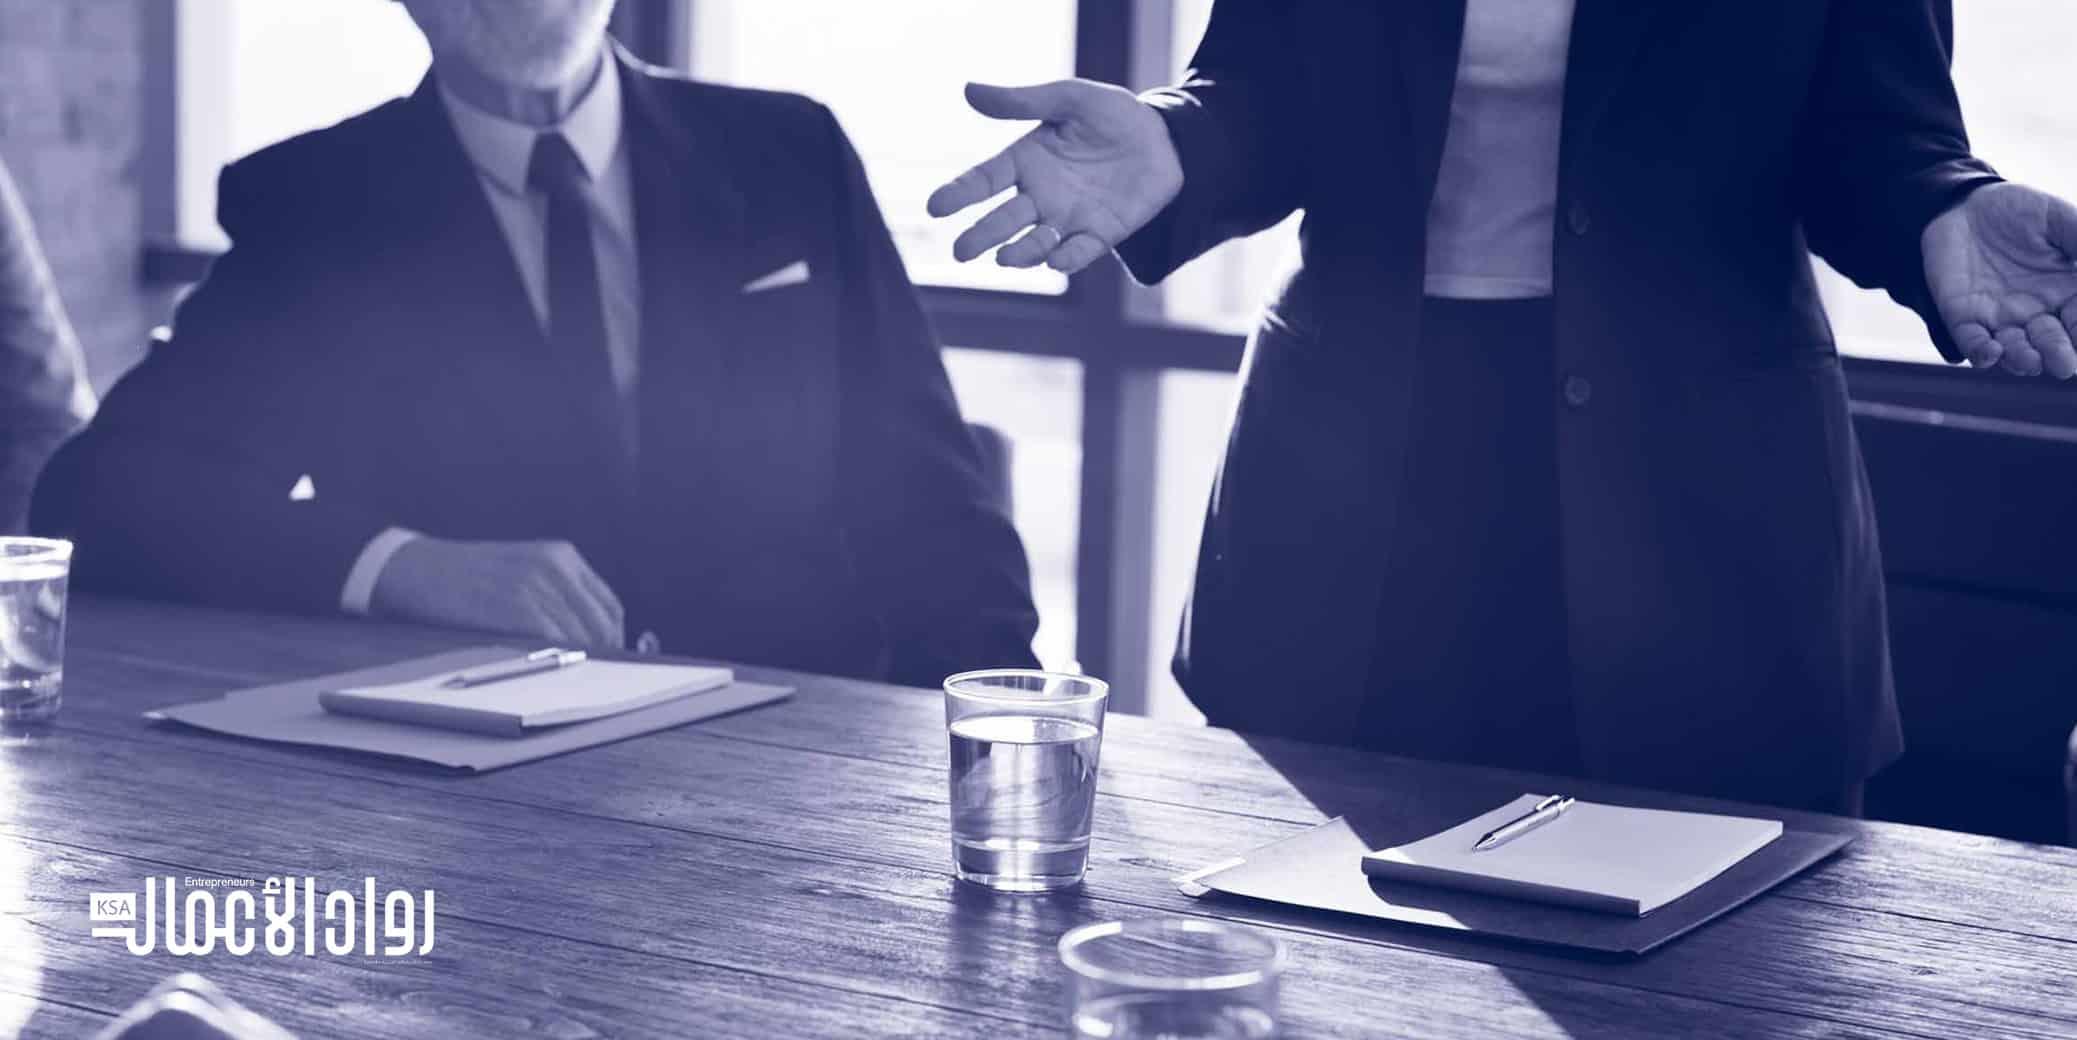 كيف تبدأ عملًا استشاريًا